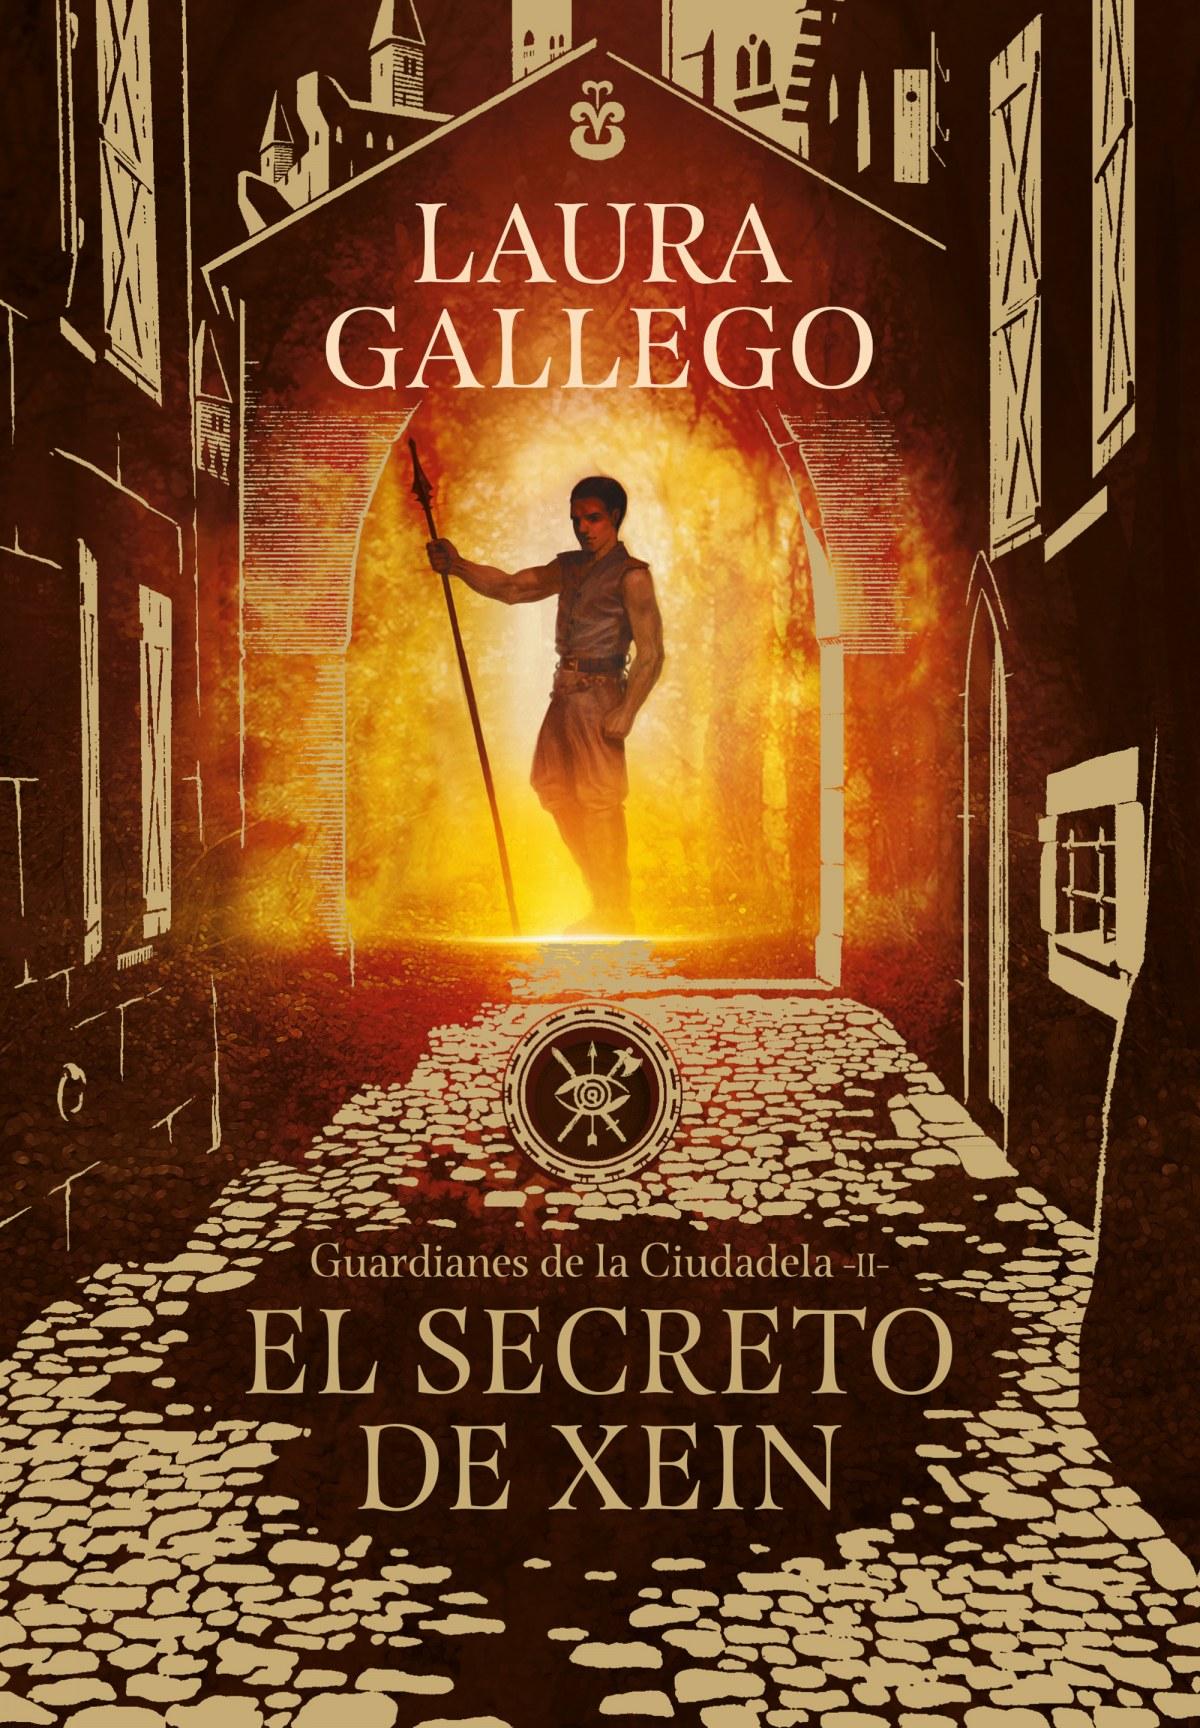 EL SECRETO DE XEIN 9788490439562